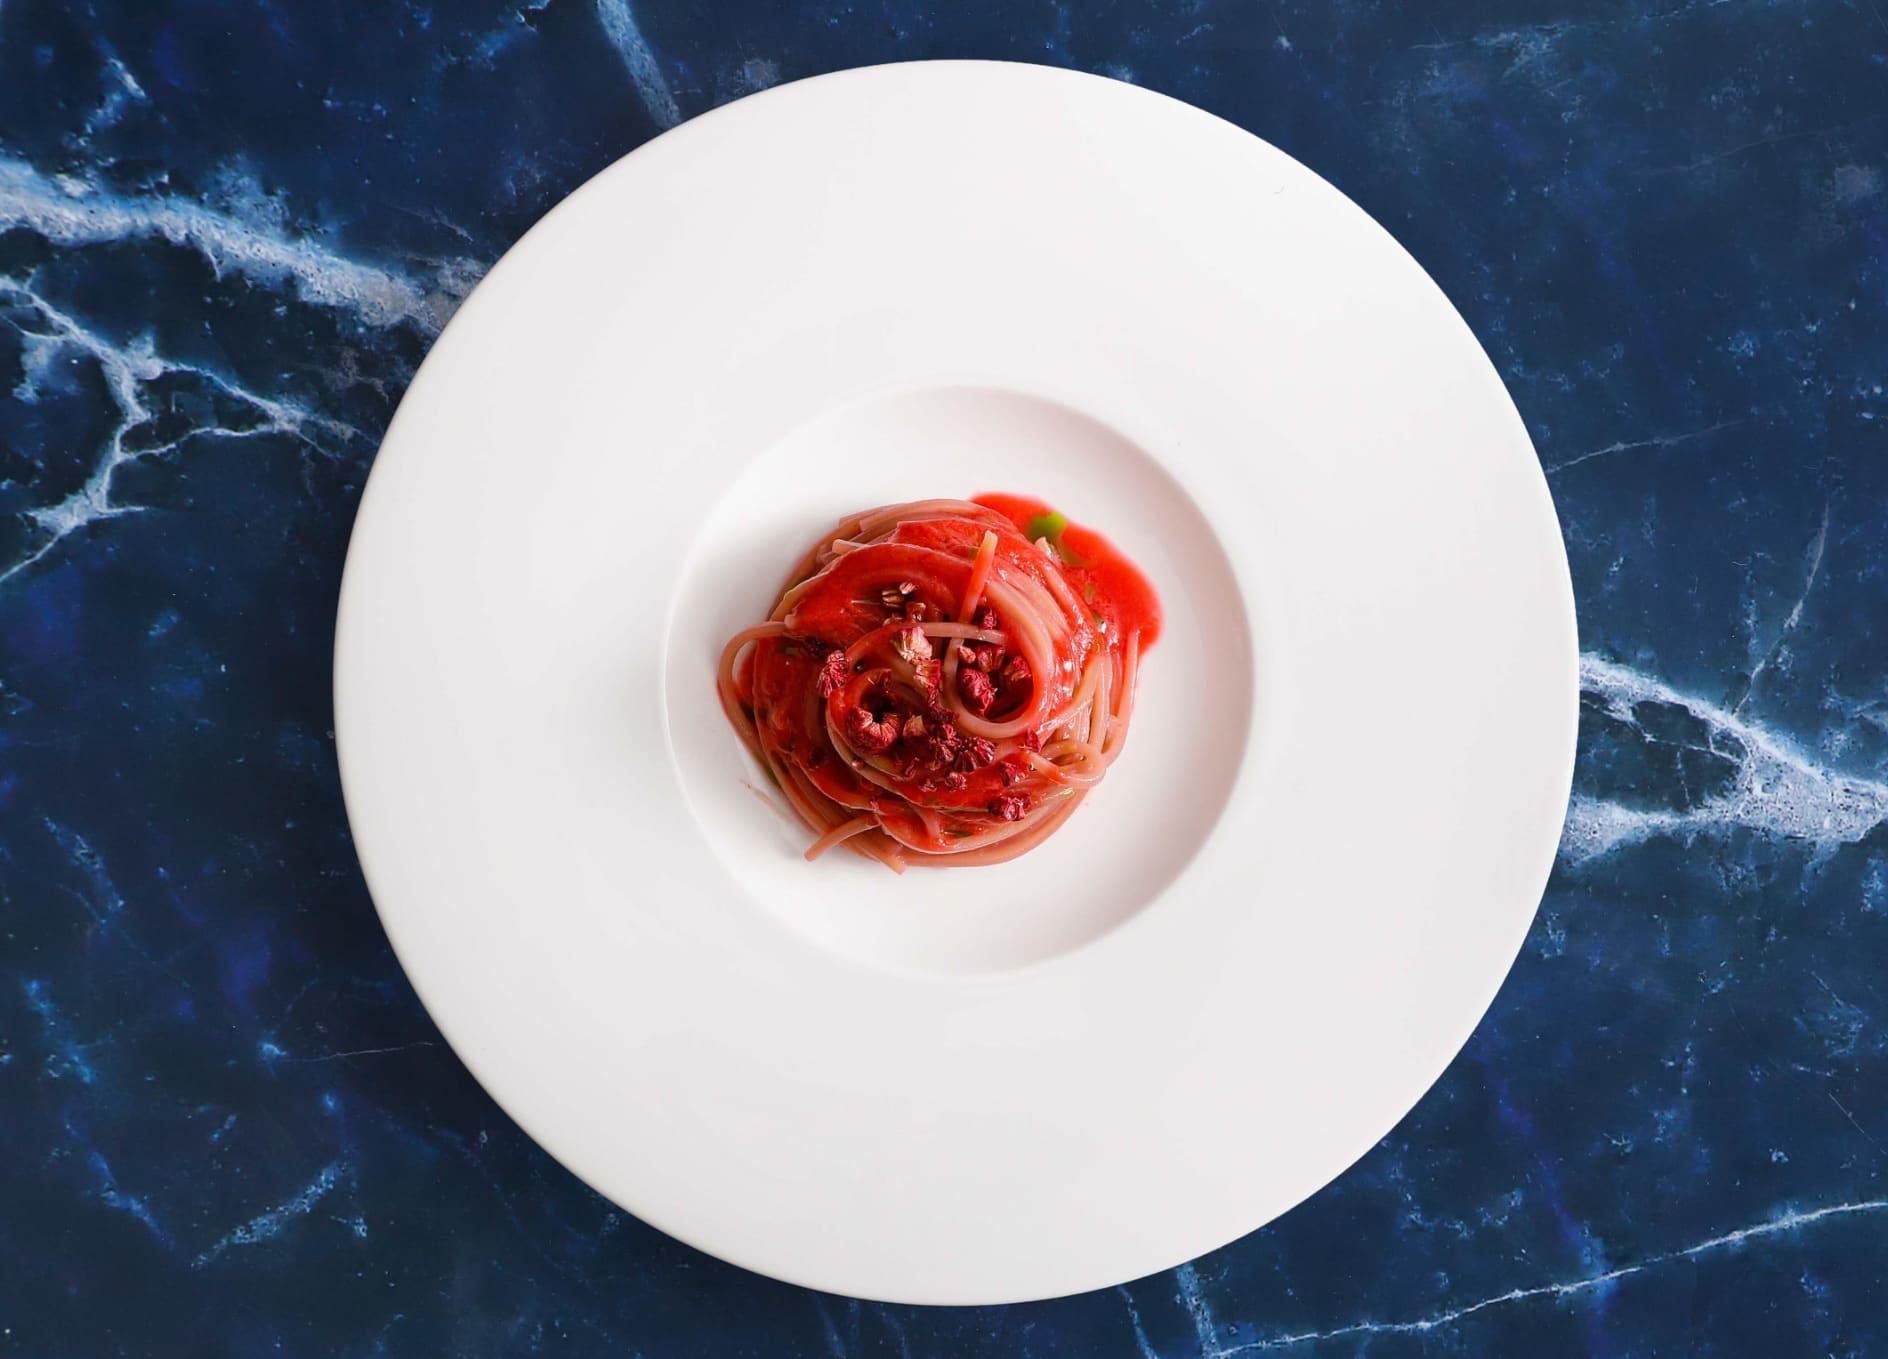 toro-oroscopo-in-cucina-spaghettino-quadrato-la-molisana